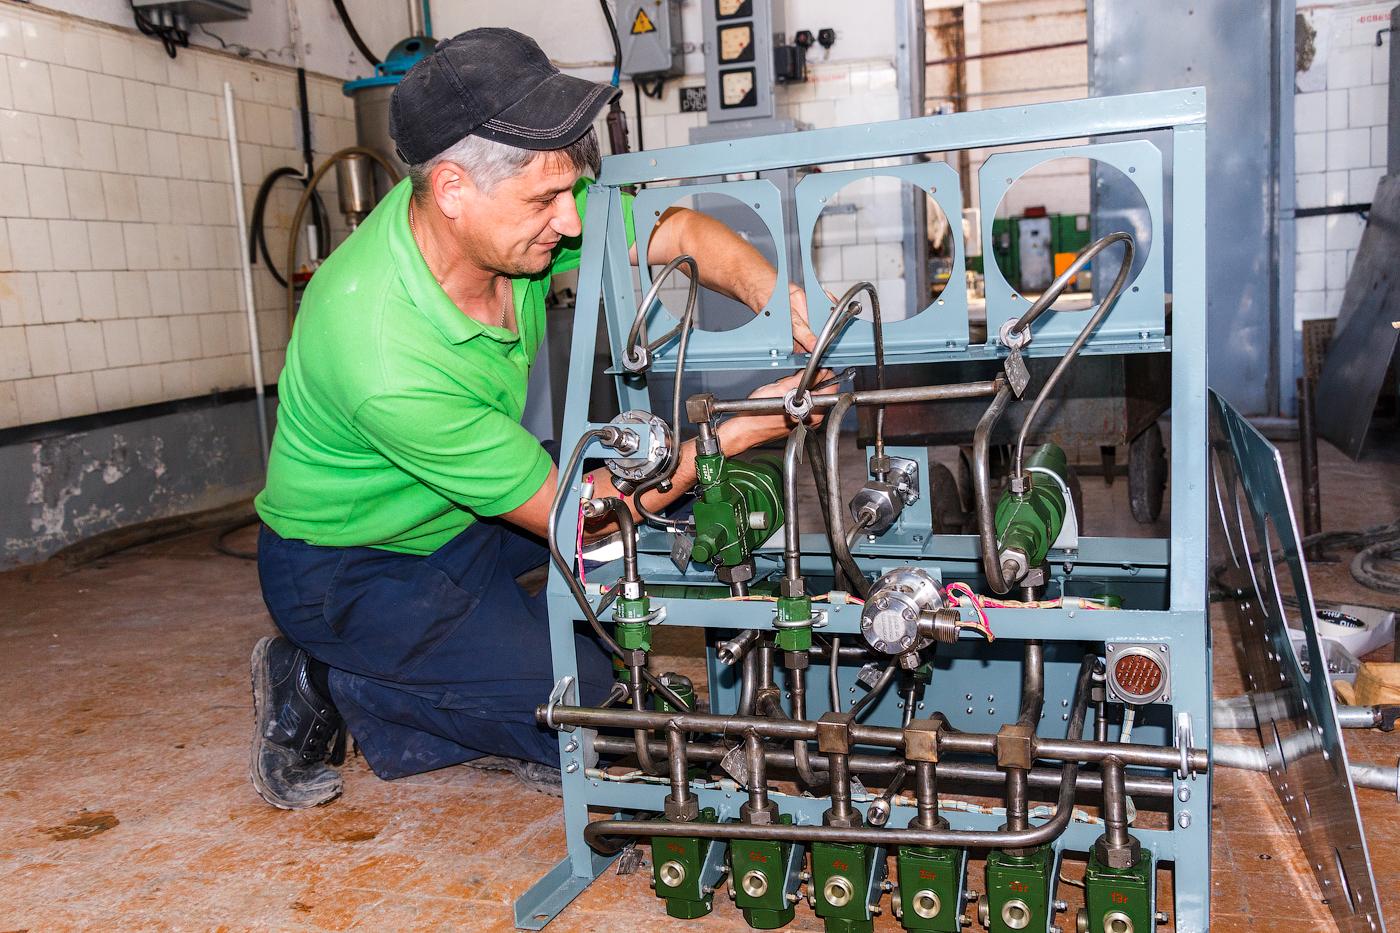 Андрей Шпилев занимается сборкой пневмощита для агрегата.